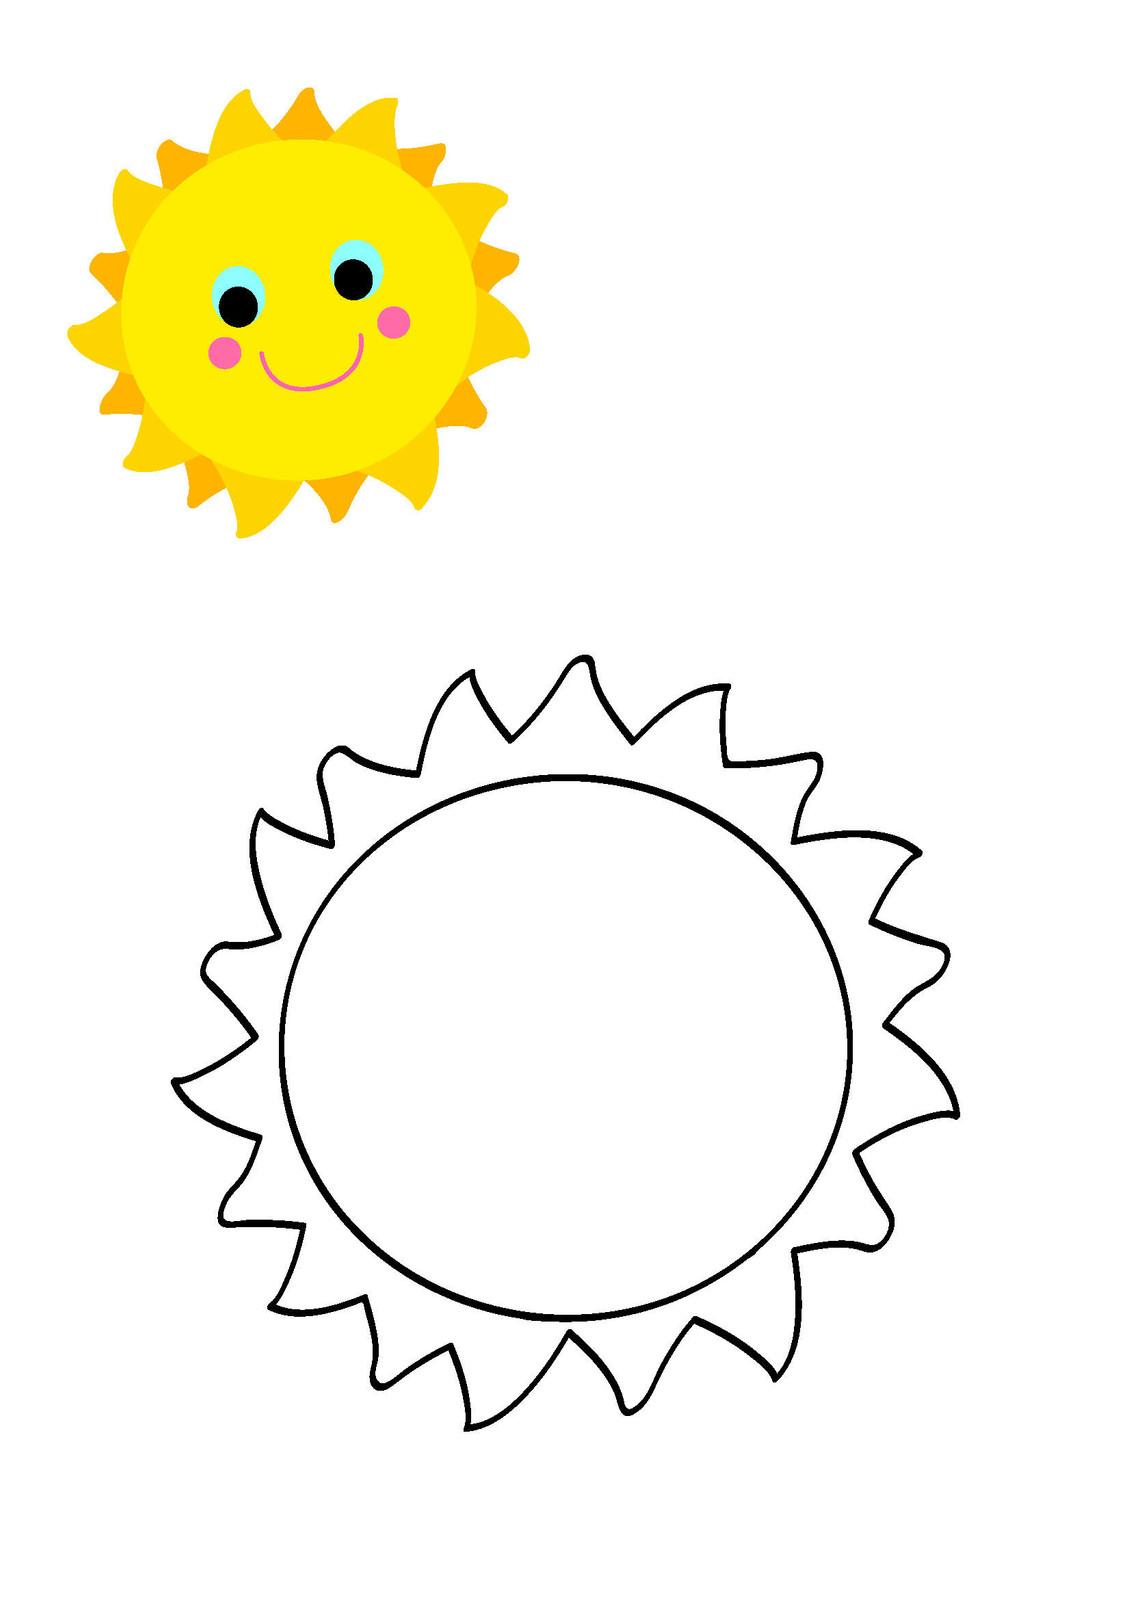 Immagine Sole Da Colorare.Sole Da Colorare